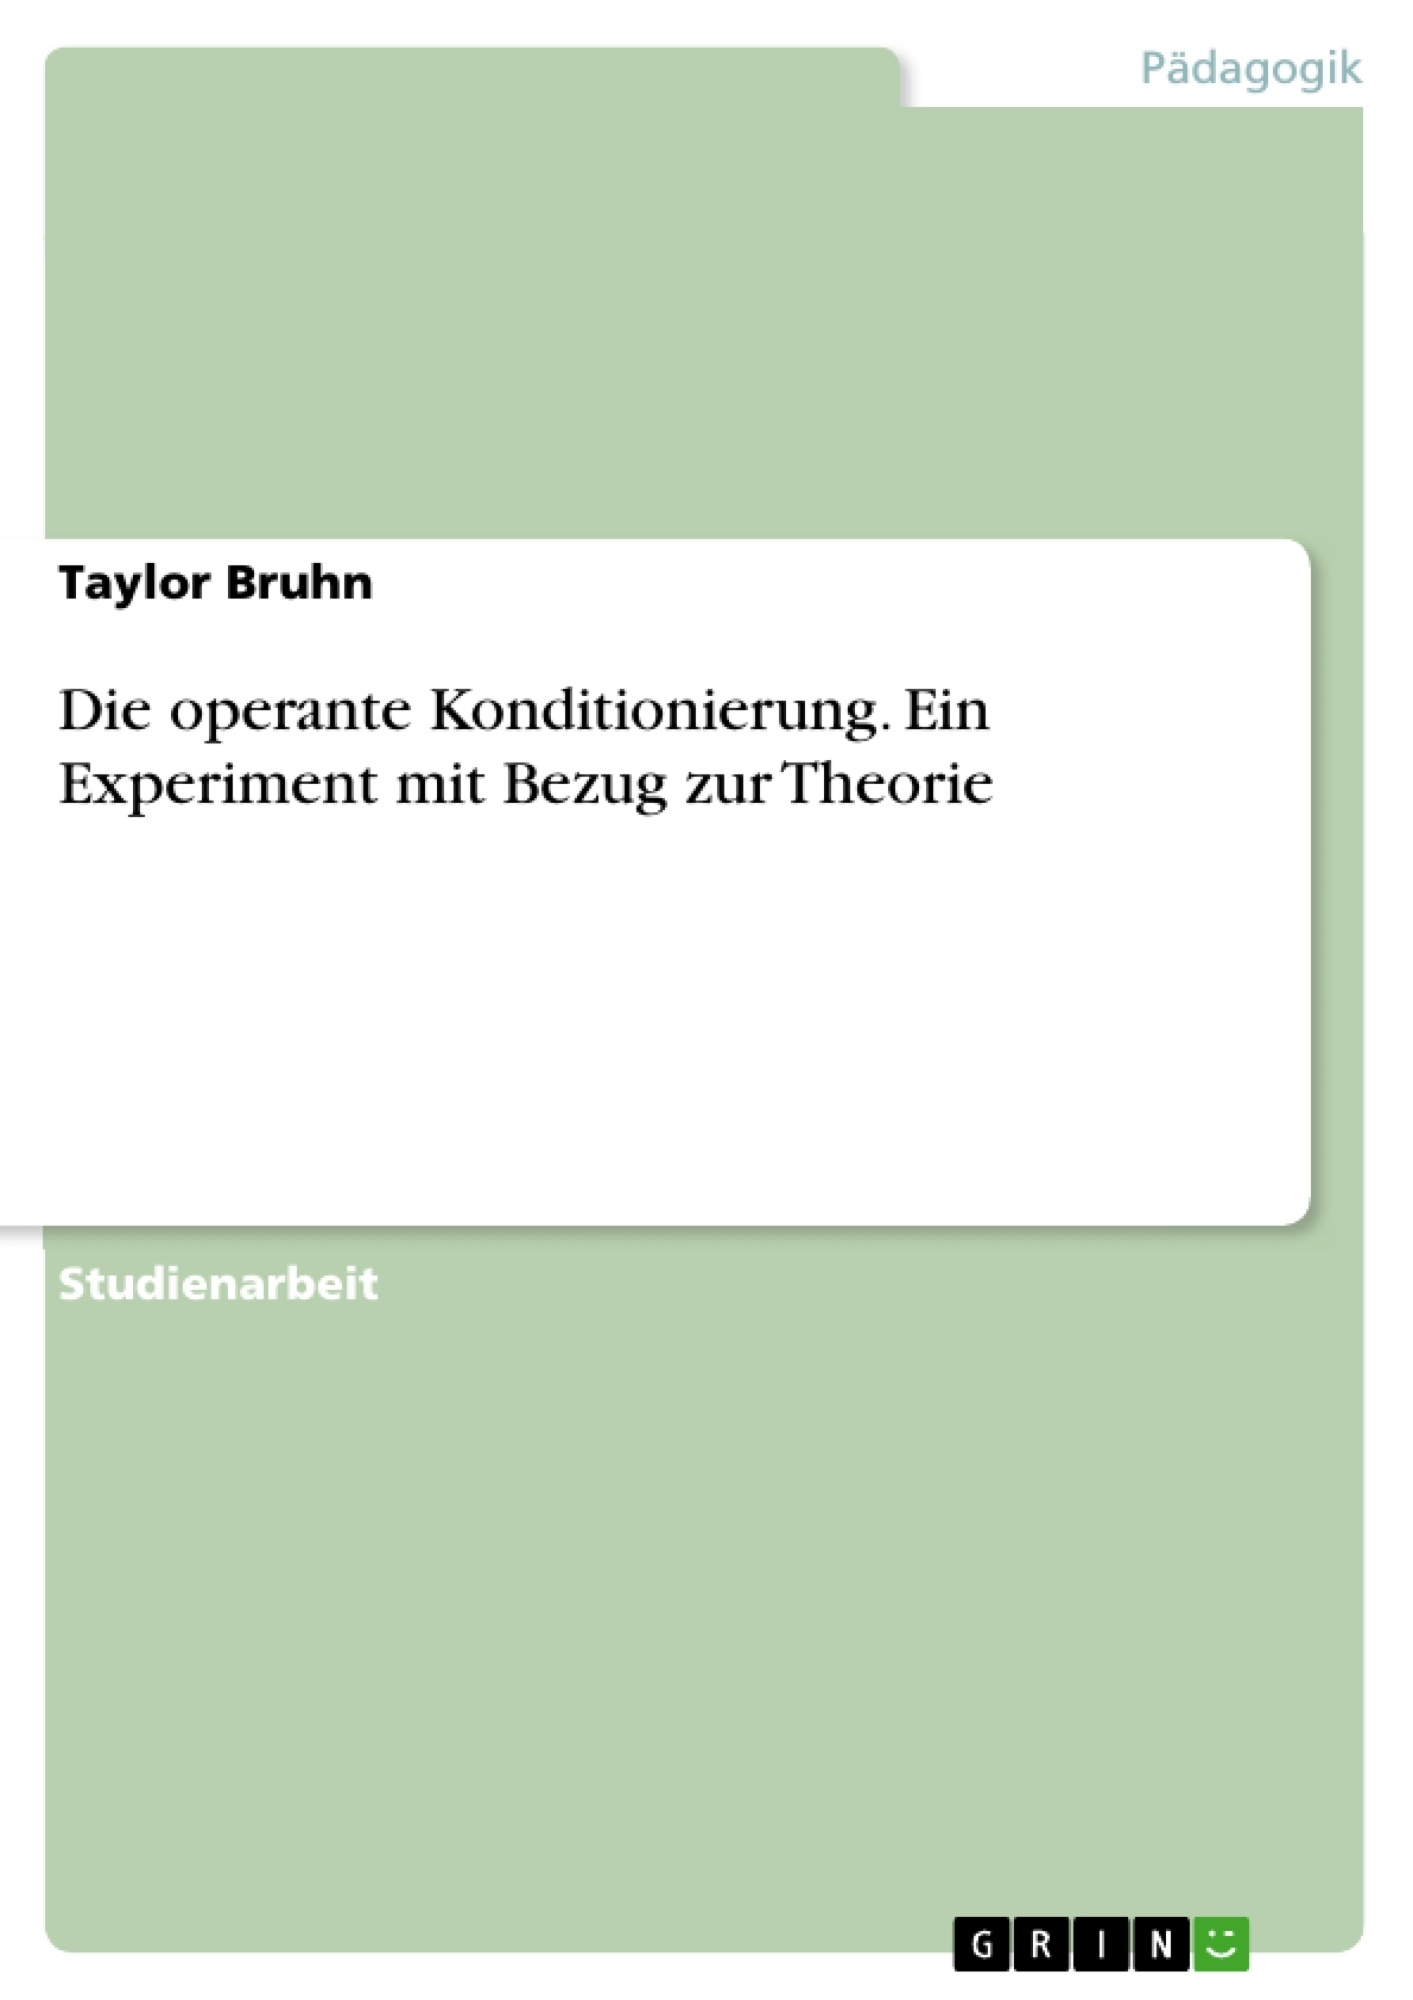 Titel: Die operante Konditionierung. Ein Experiment mit Bezug zur Theorie